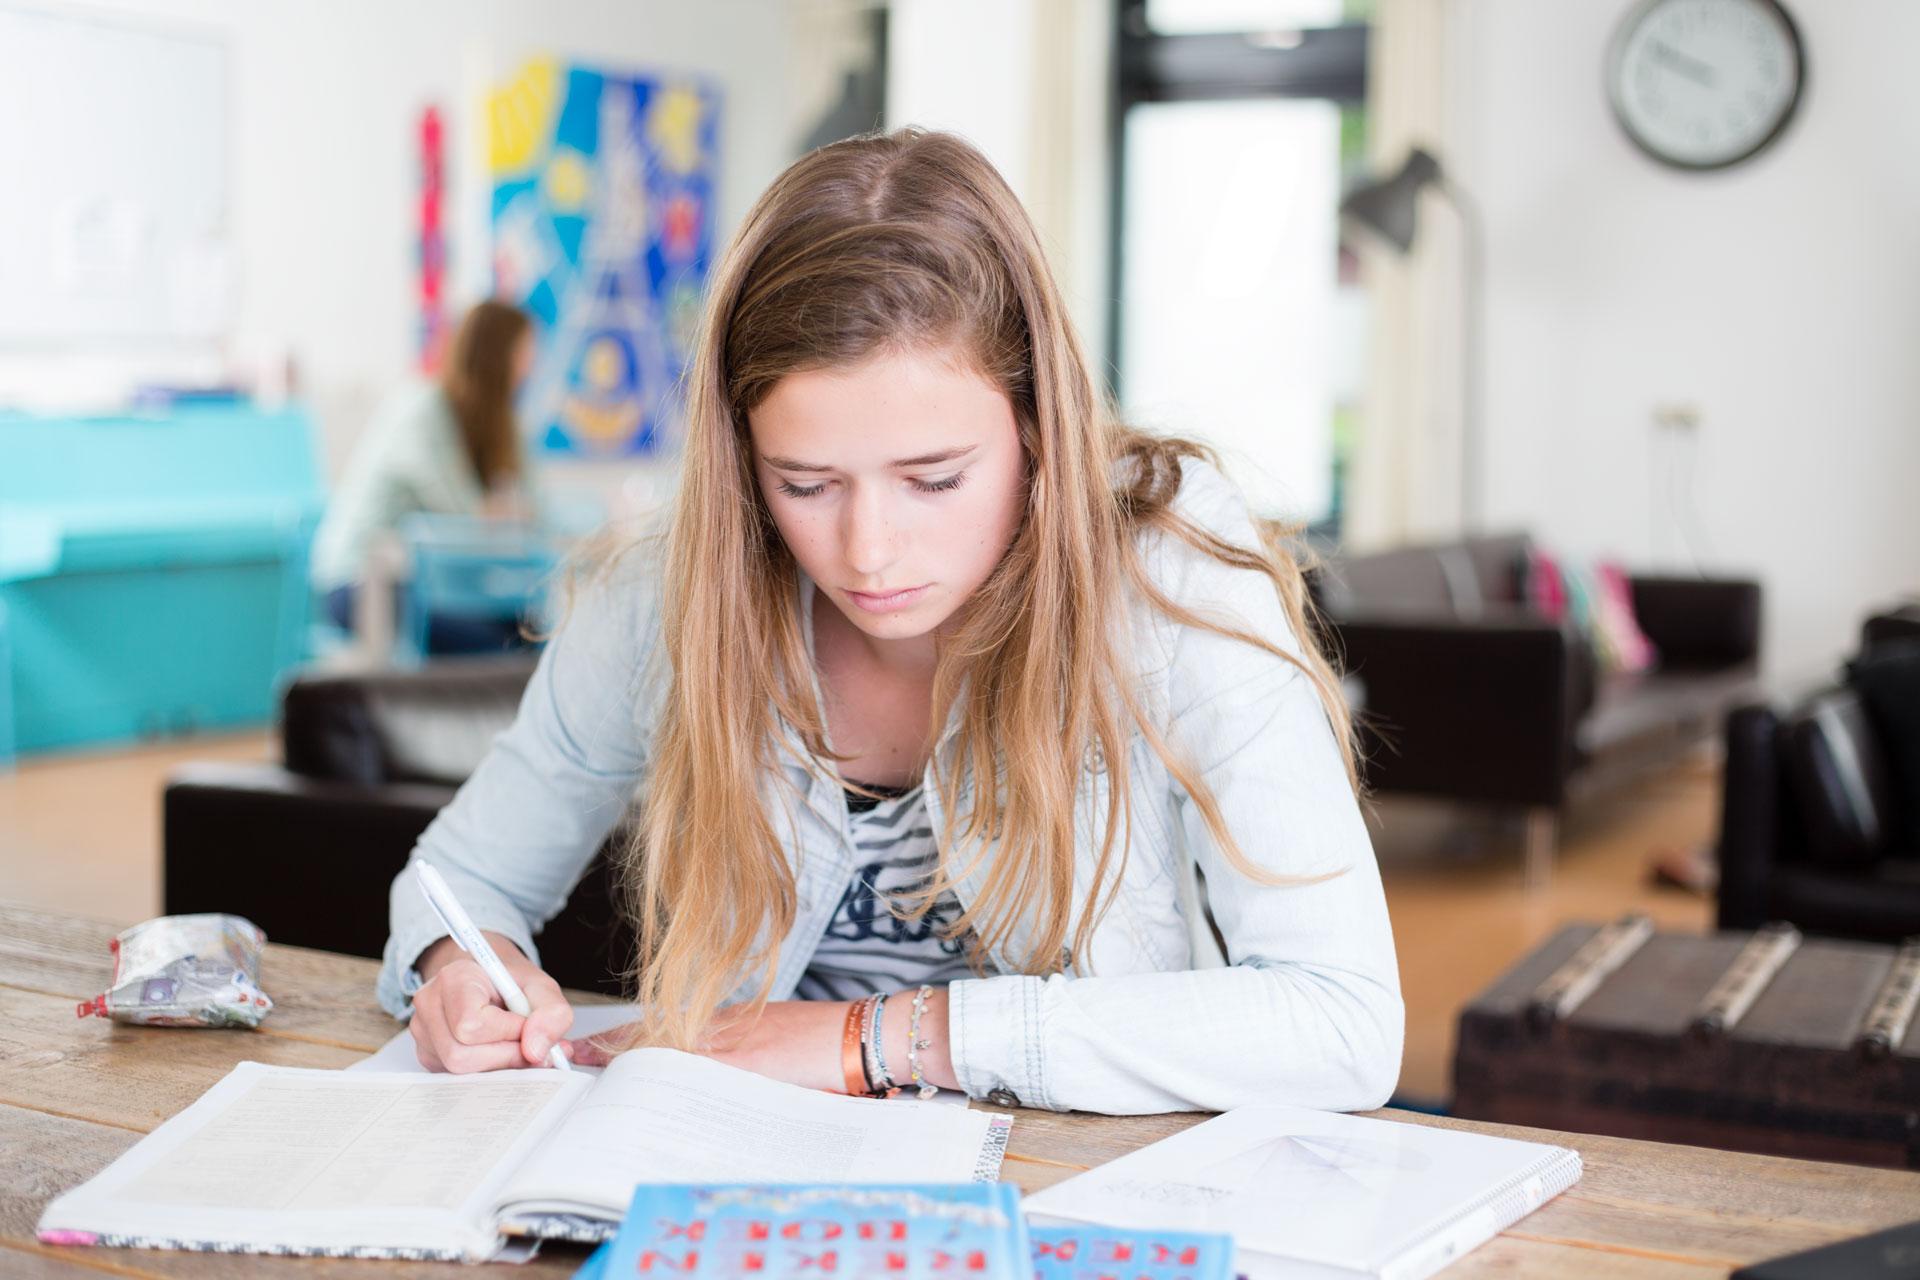 Bedrijfsreportage Beeldstudio huiswerkbegeleding Inzowijs